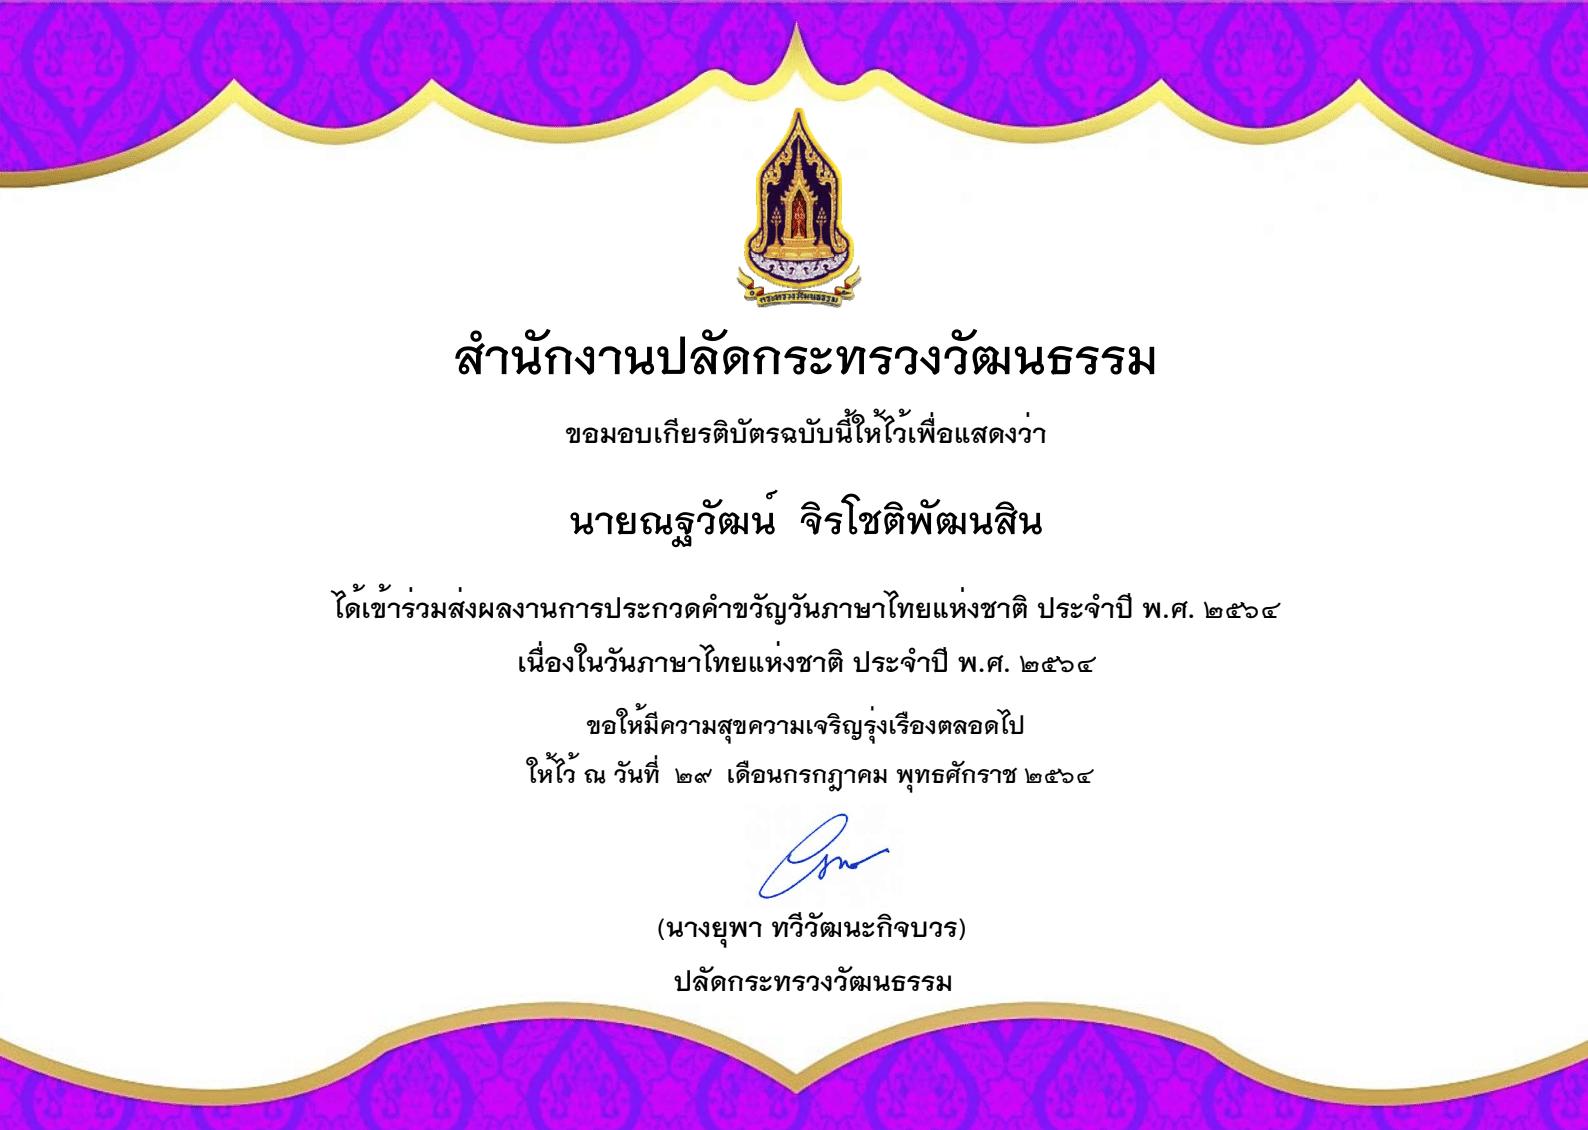 ดาวน์โหลดเกียรติบัตร กิจกรรมประกวดคำขวัญวันภาษาไทยแห่งชาติ ประจำปี พ.ศ. ๒๕๖๔ โดยสำนักงานปลัดกระทรวงวัฒนธรรม